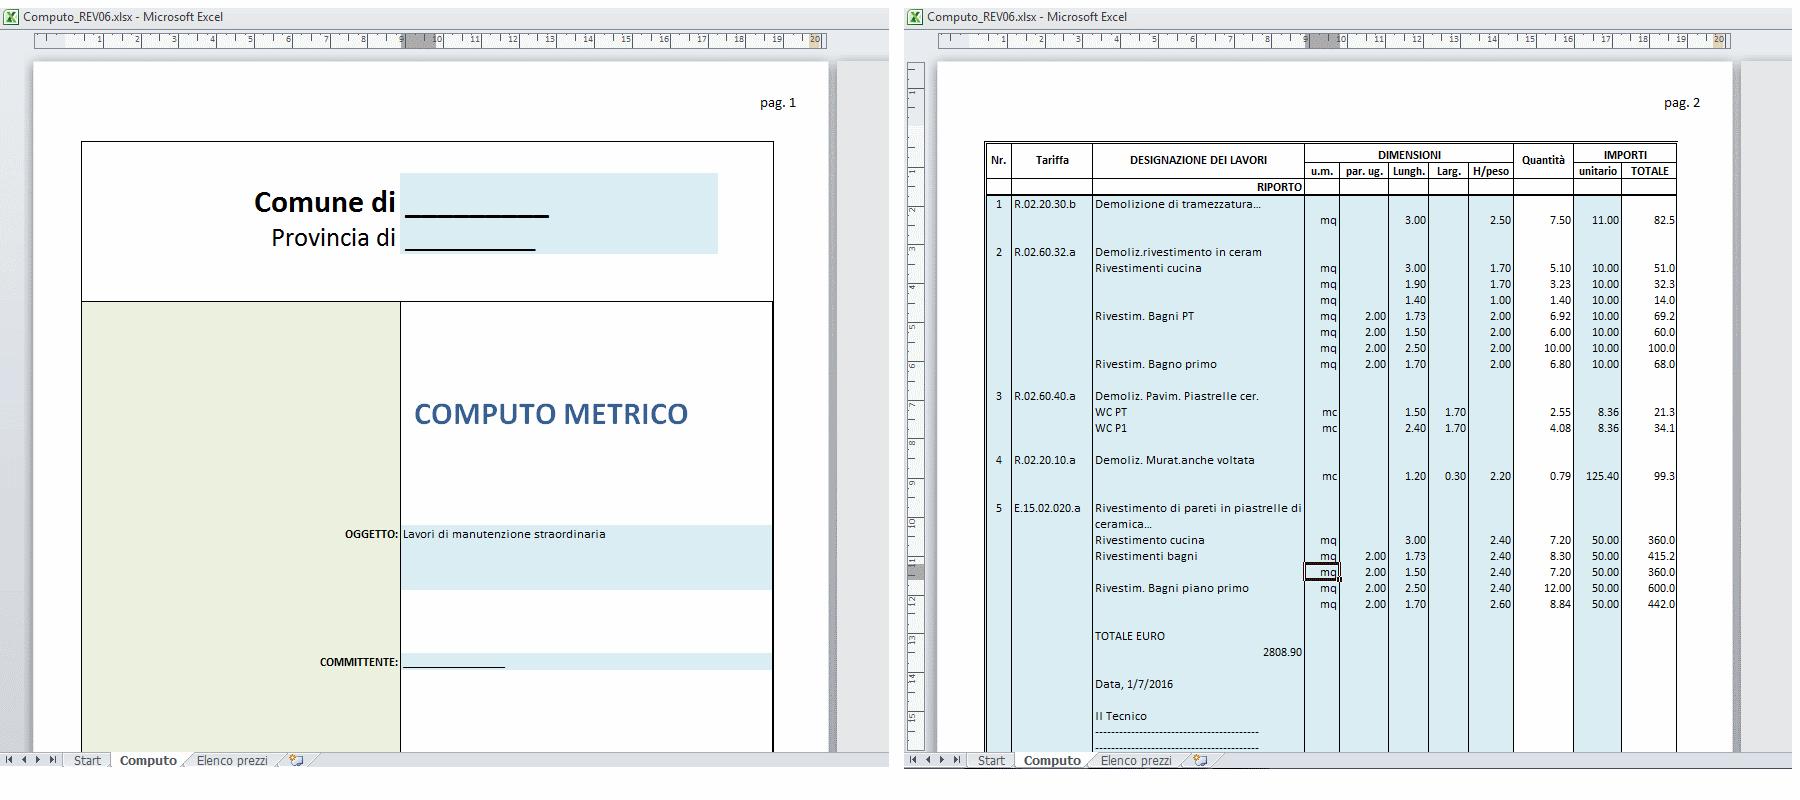 Schermate_Computo